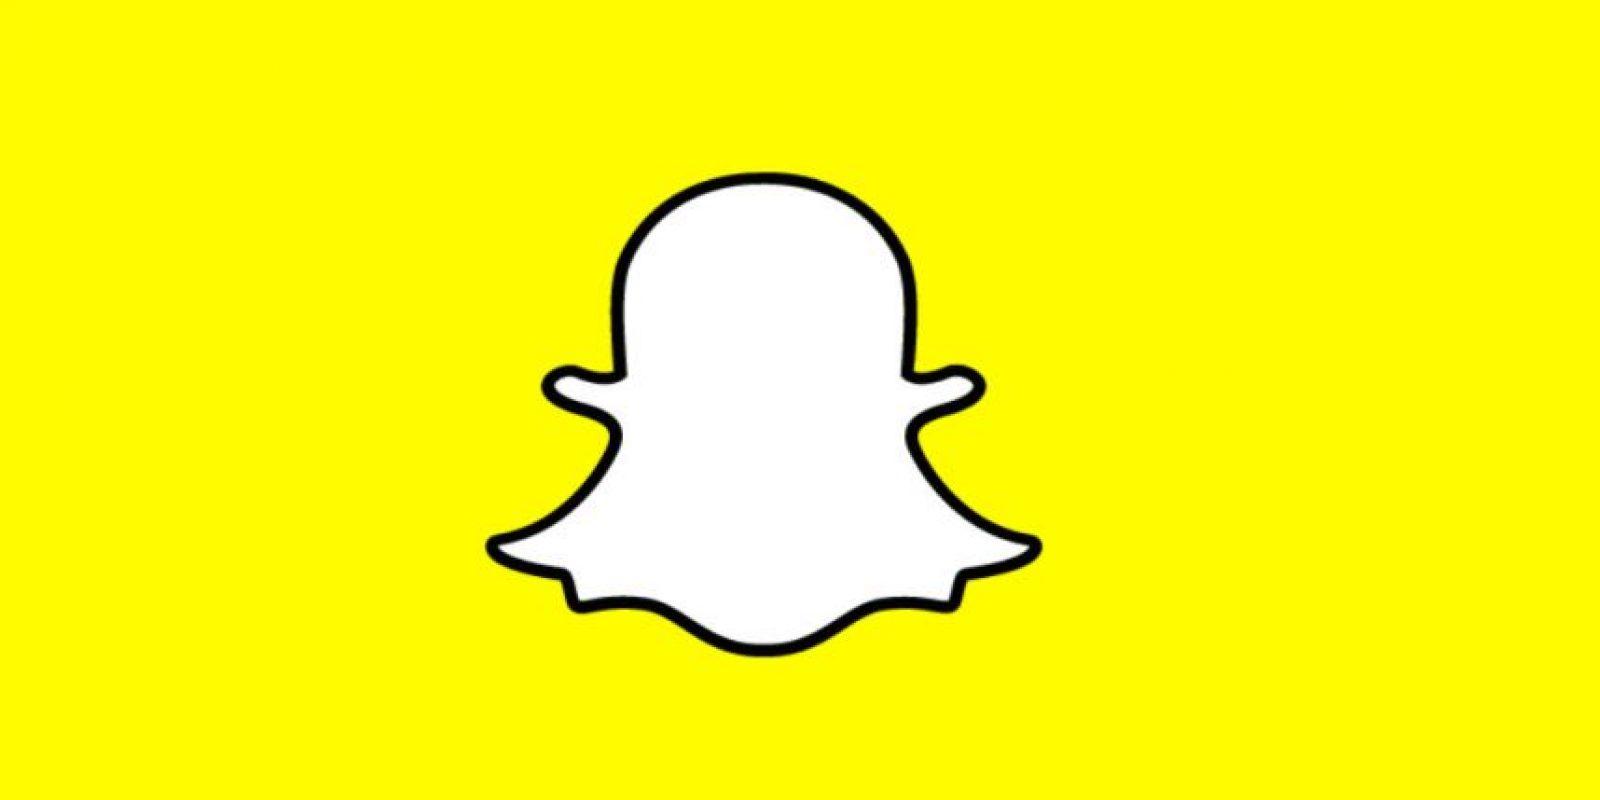 Y asegurando la preferencia de sus usuarios. Foto:Snapchat. Imagen Por: